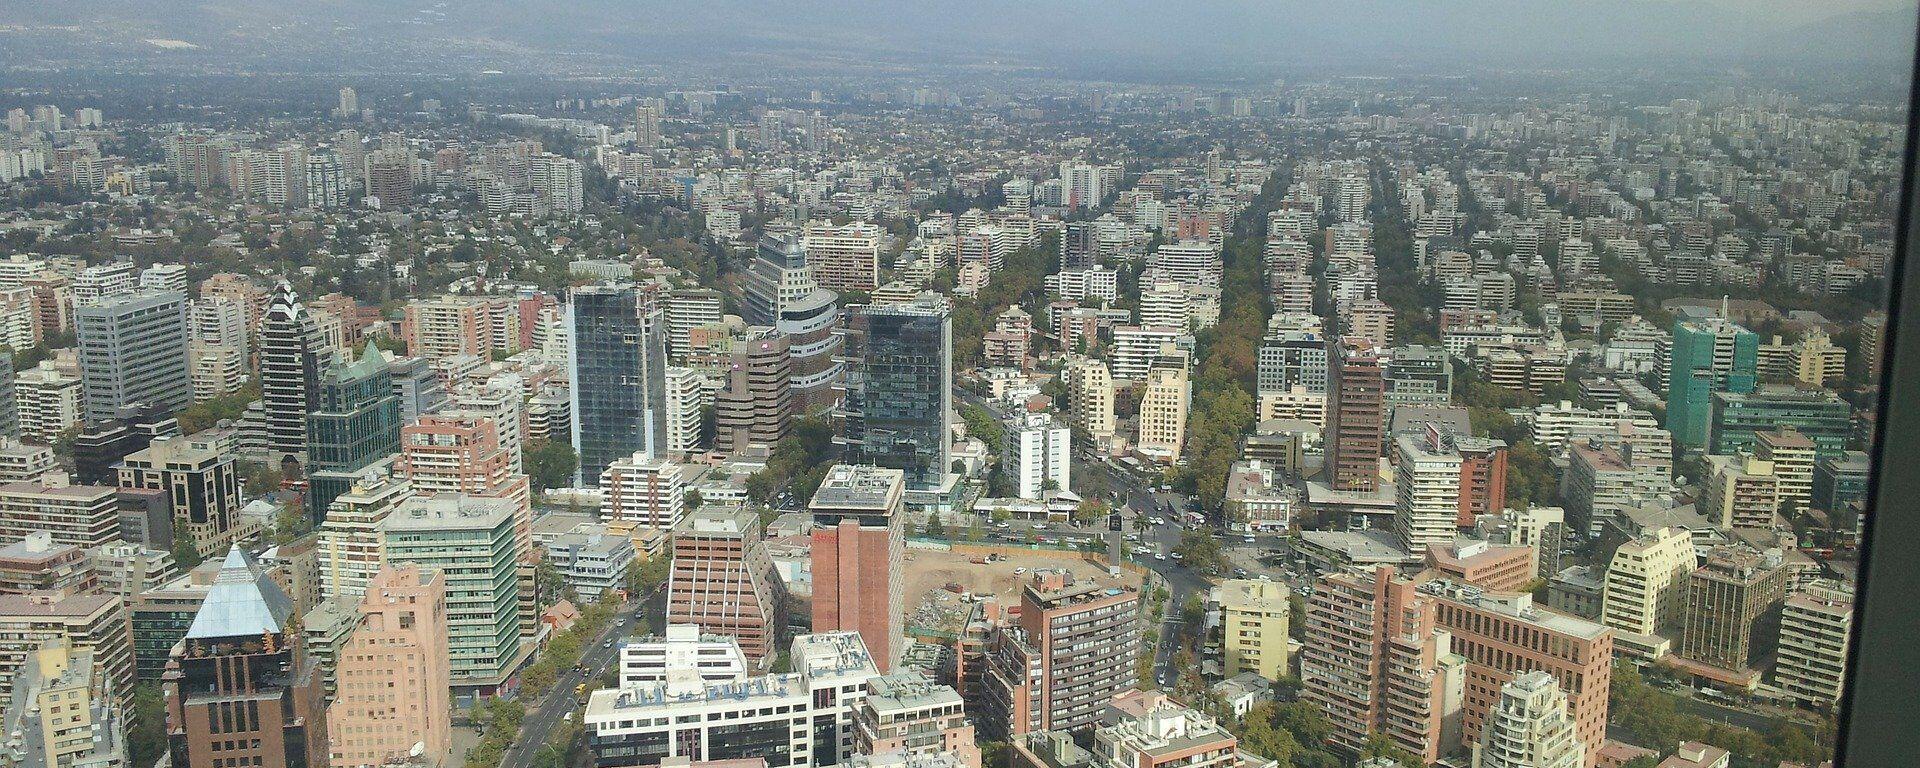 Santiago, la capital de Chile - Sputnik Mundo, 1920, 29.07.2020